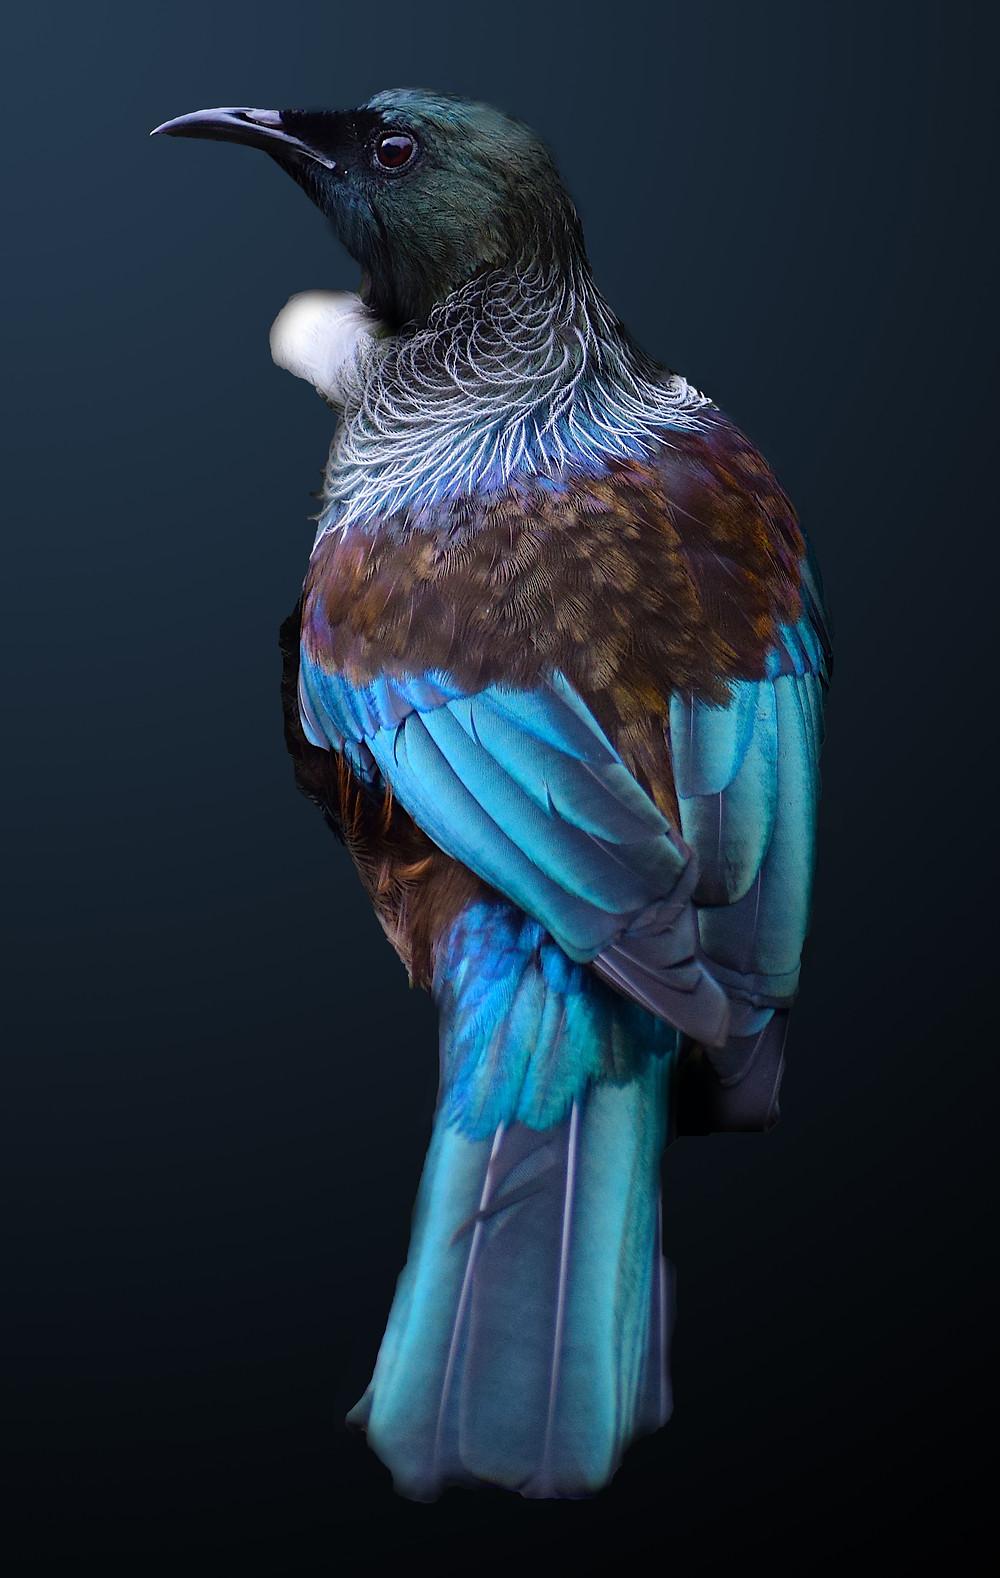 Tui bird by Fairlie Atkinson